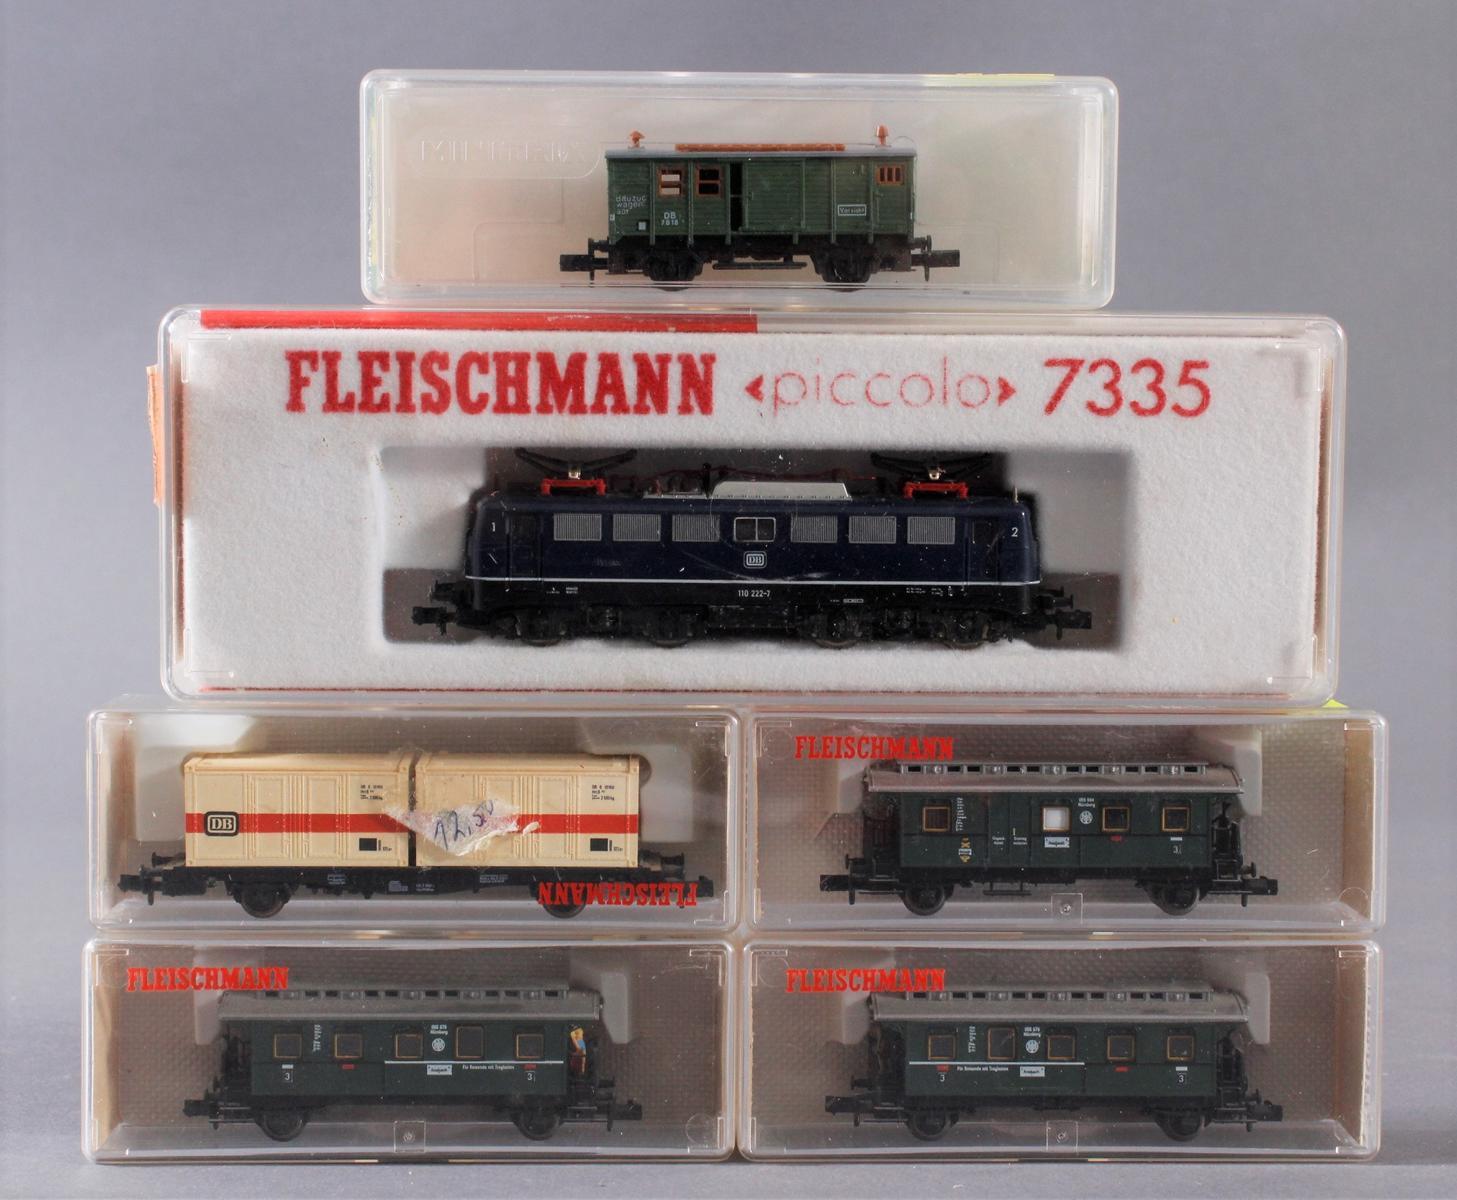 Fleischmann E-Lok 7335 mit 5 Waggons